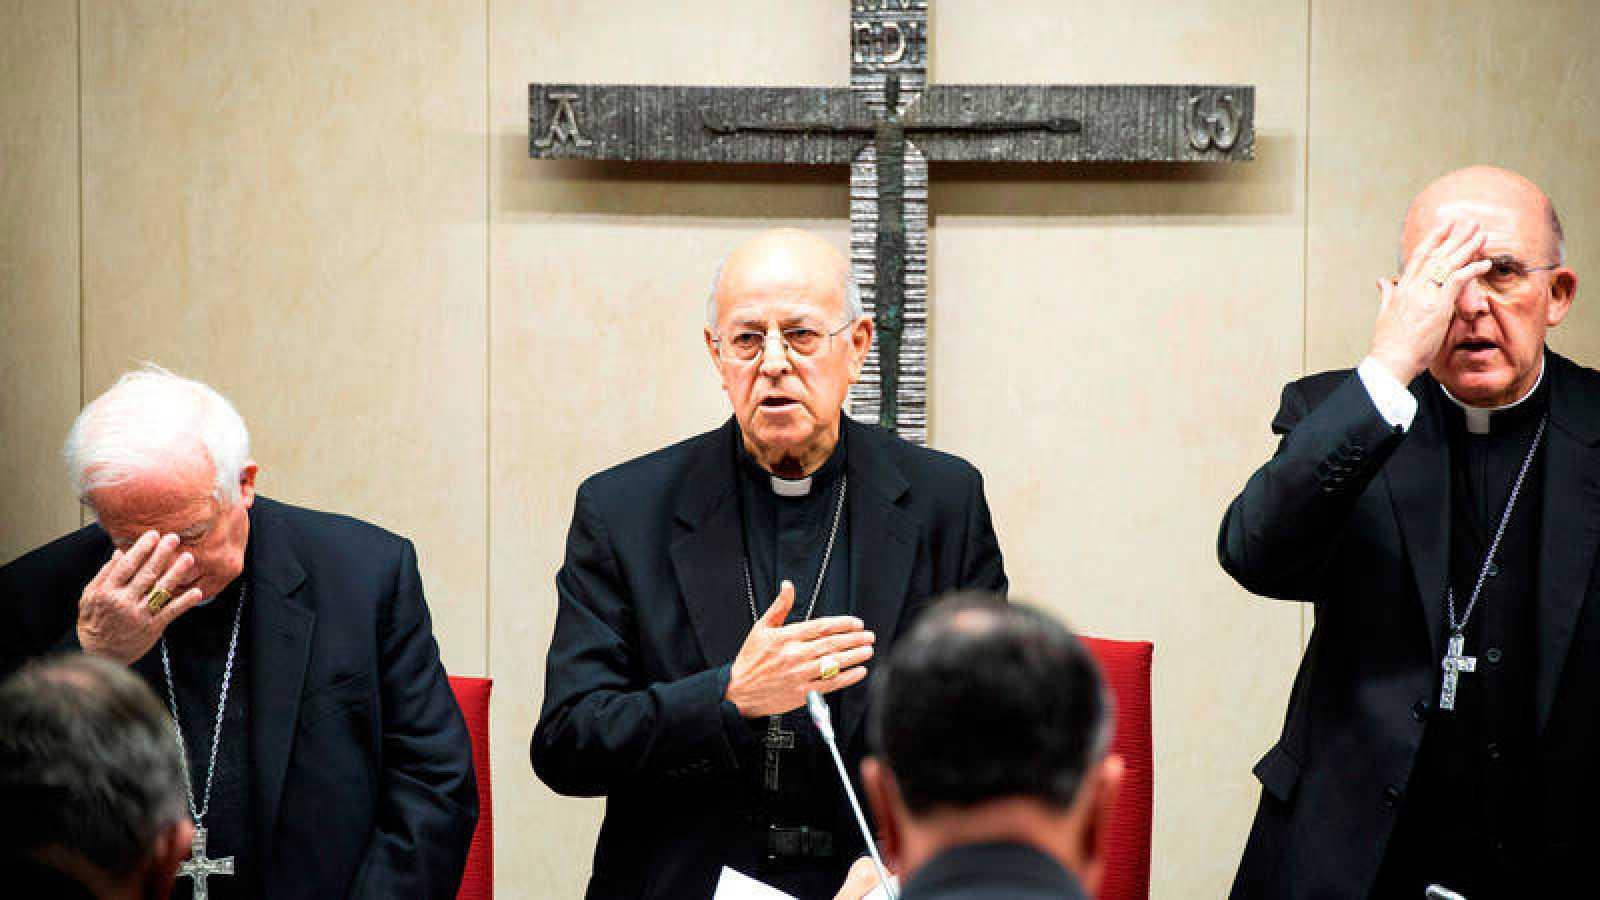 El cardenal, arzobispo de Valladolid y presidente de la Conferencia Episcopal Española Ricardo Blázquez el cardenal arzobispo de Valencia y vicepresidente de la CEE, Antonio Cañizares, y el cardenal arzobispo de Madrid, Carlos Osoro